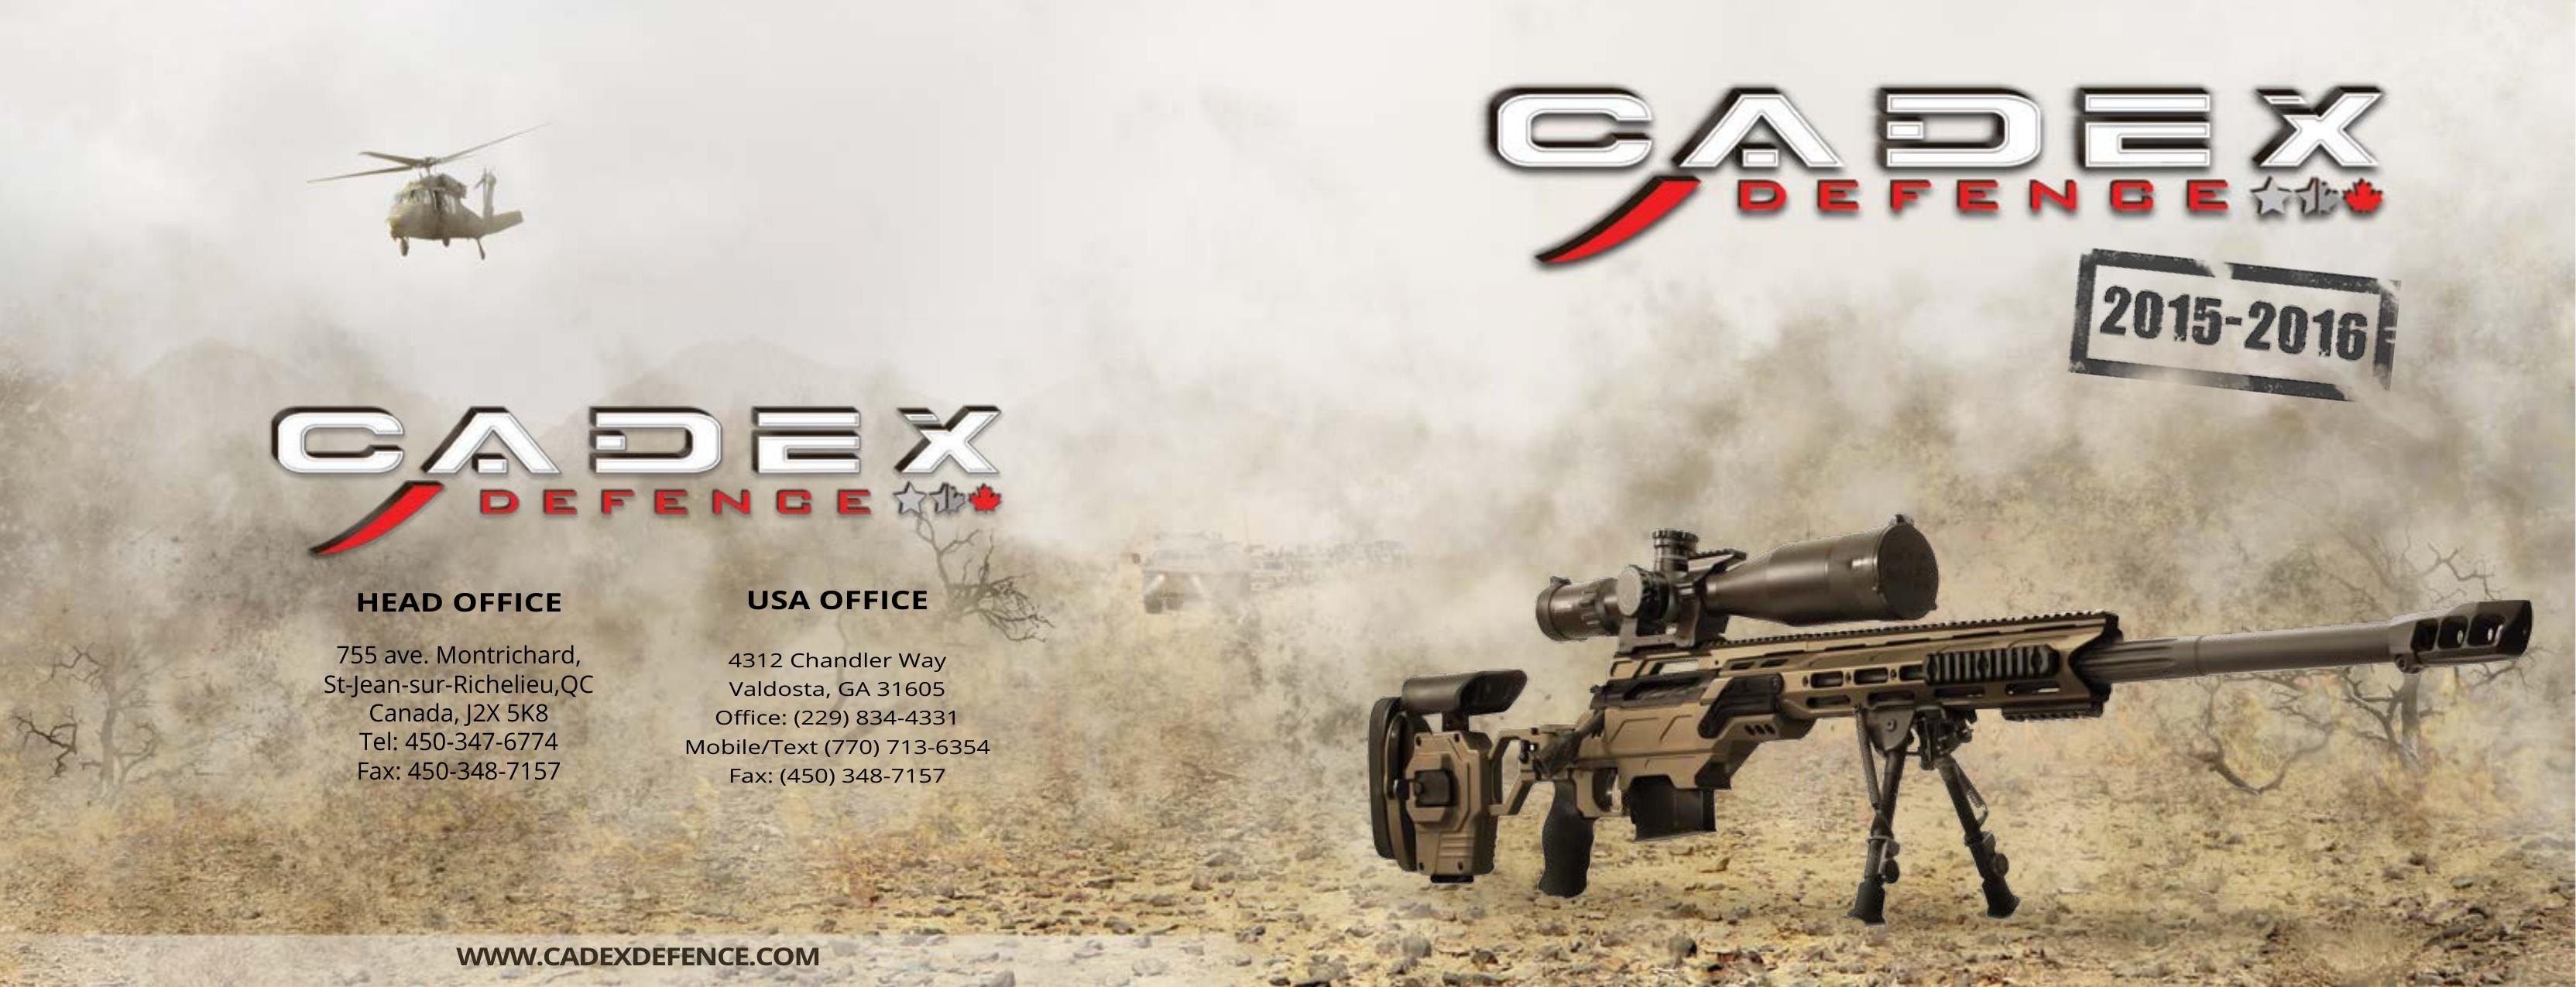 dual strike - Cadex Defence | manualzz com